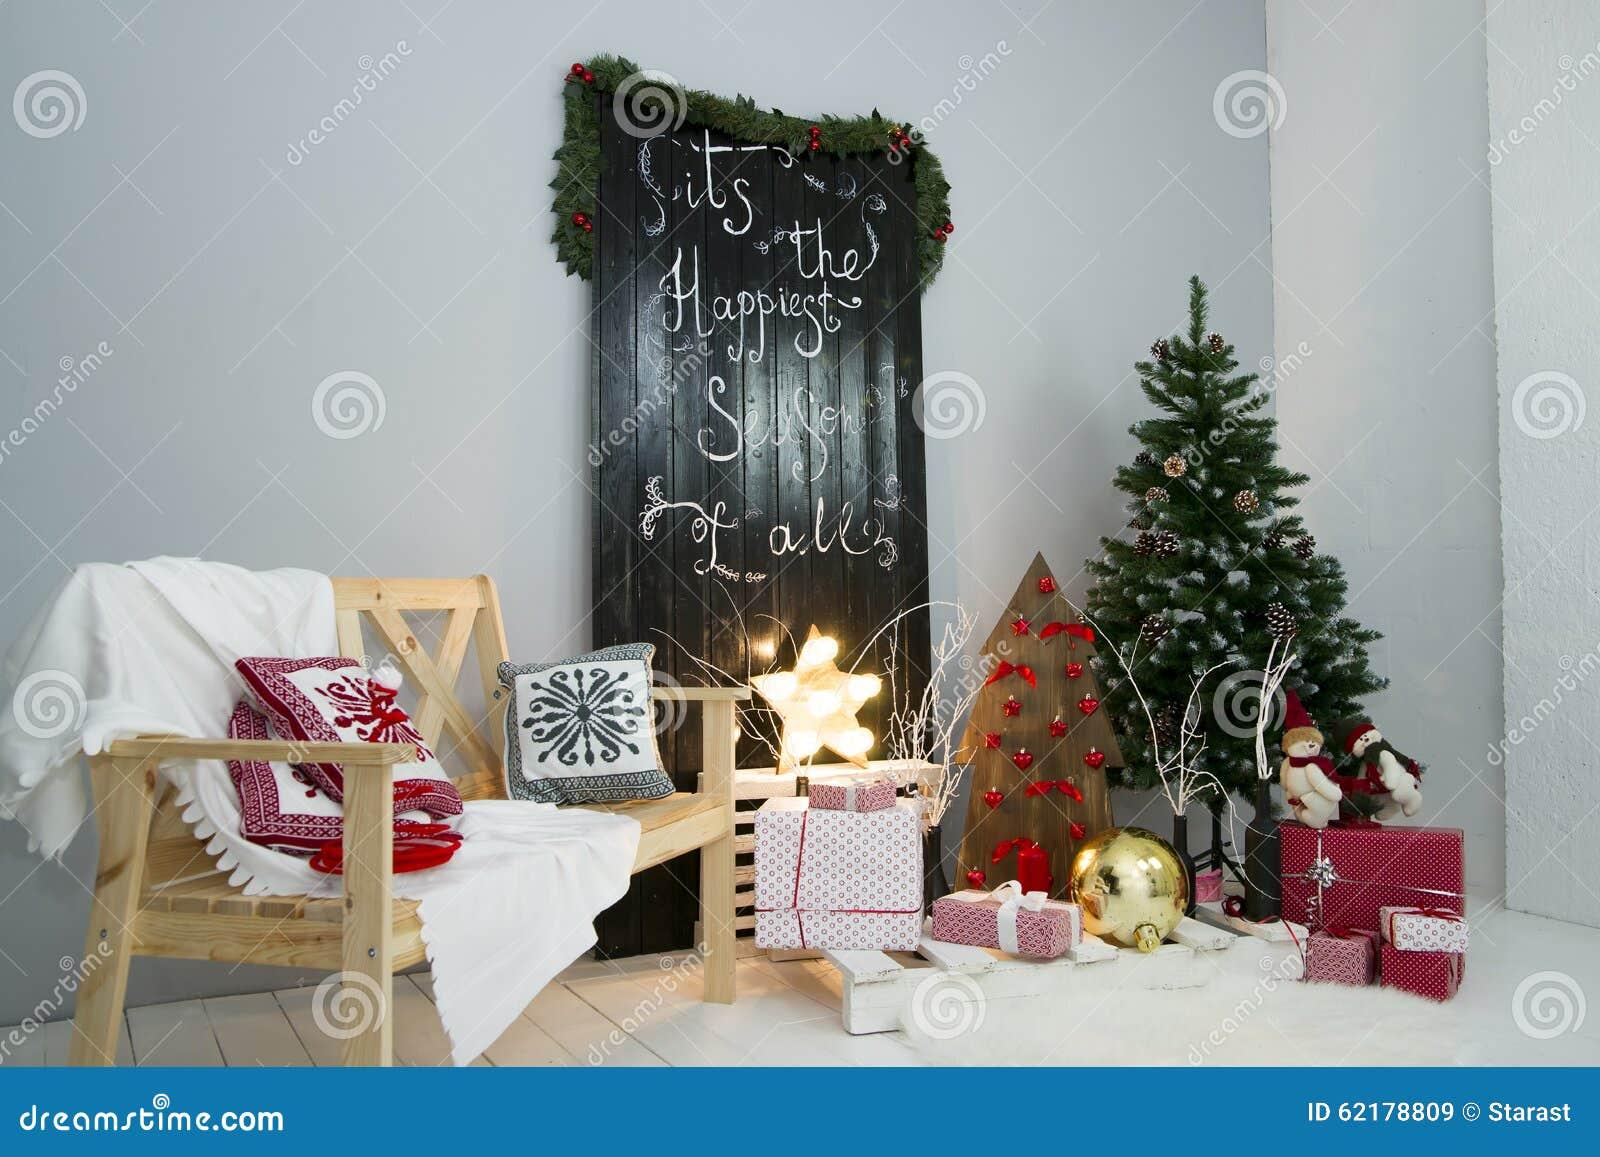 Decorazioni Sala Natale : Albero di natale nella sala decorazioni del nuovo anno immagine